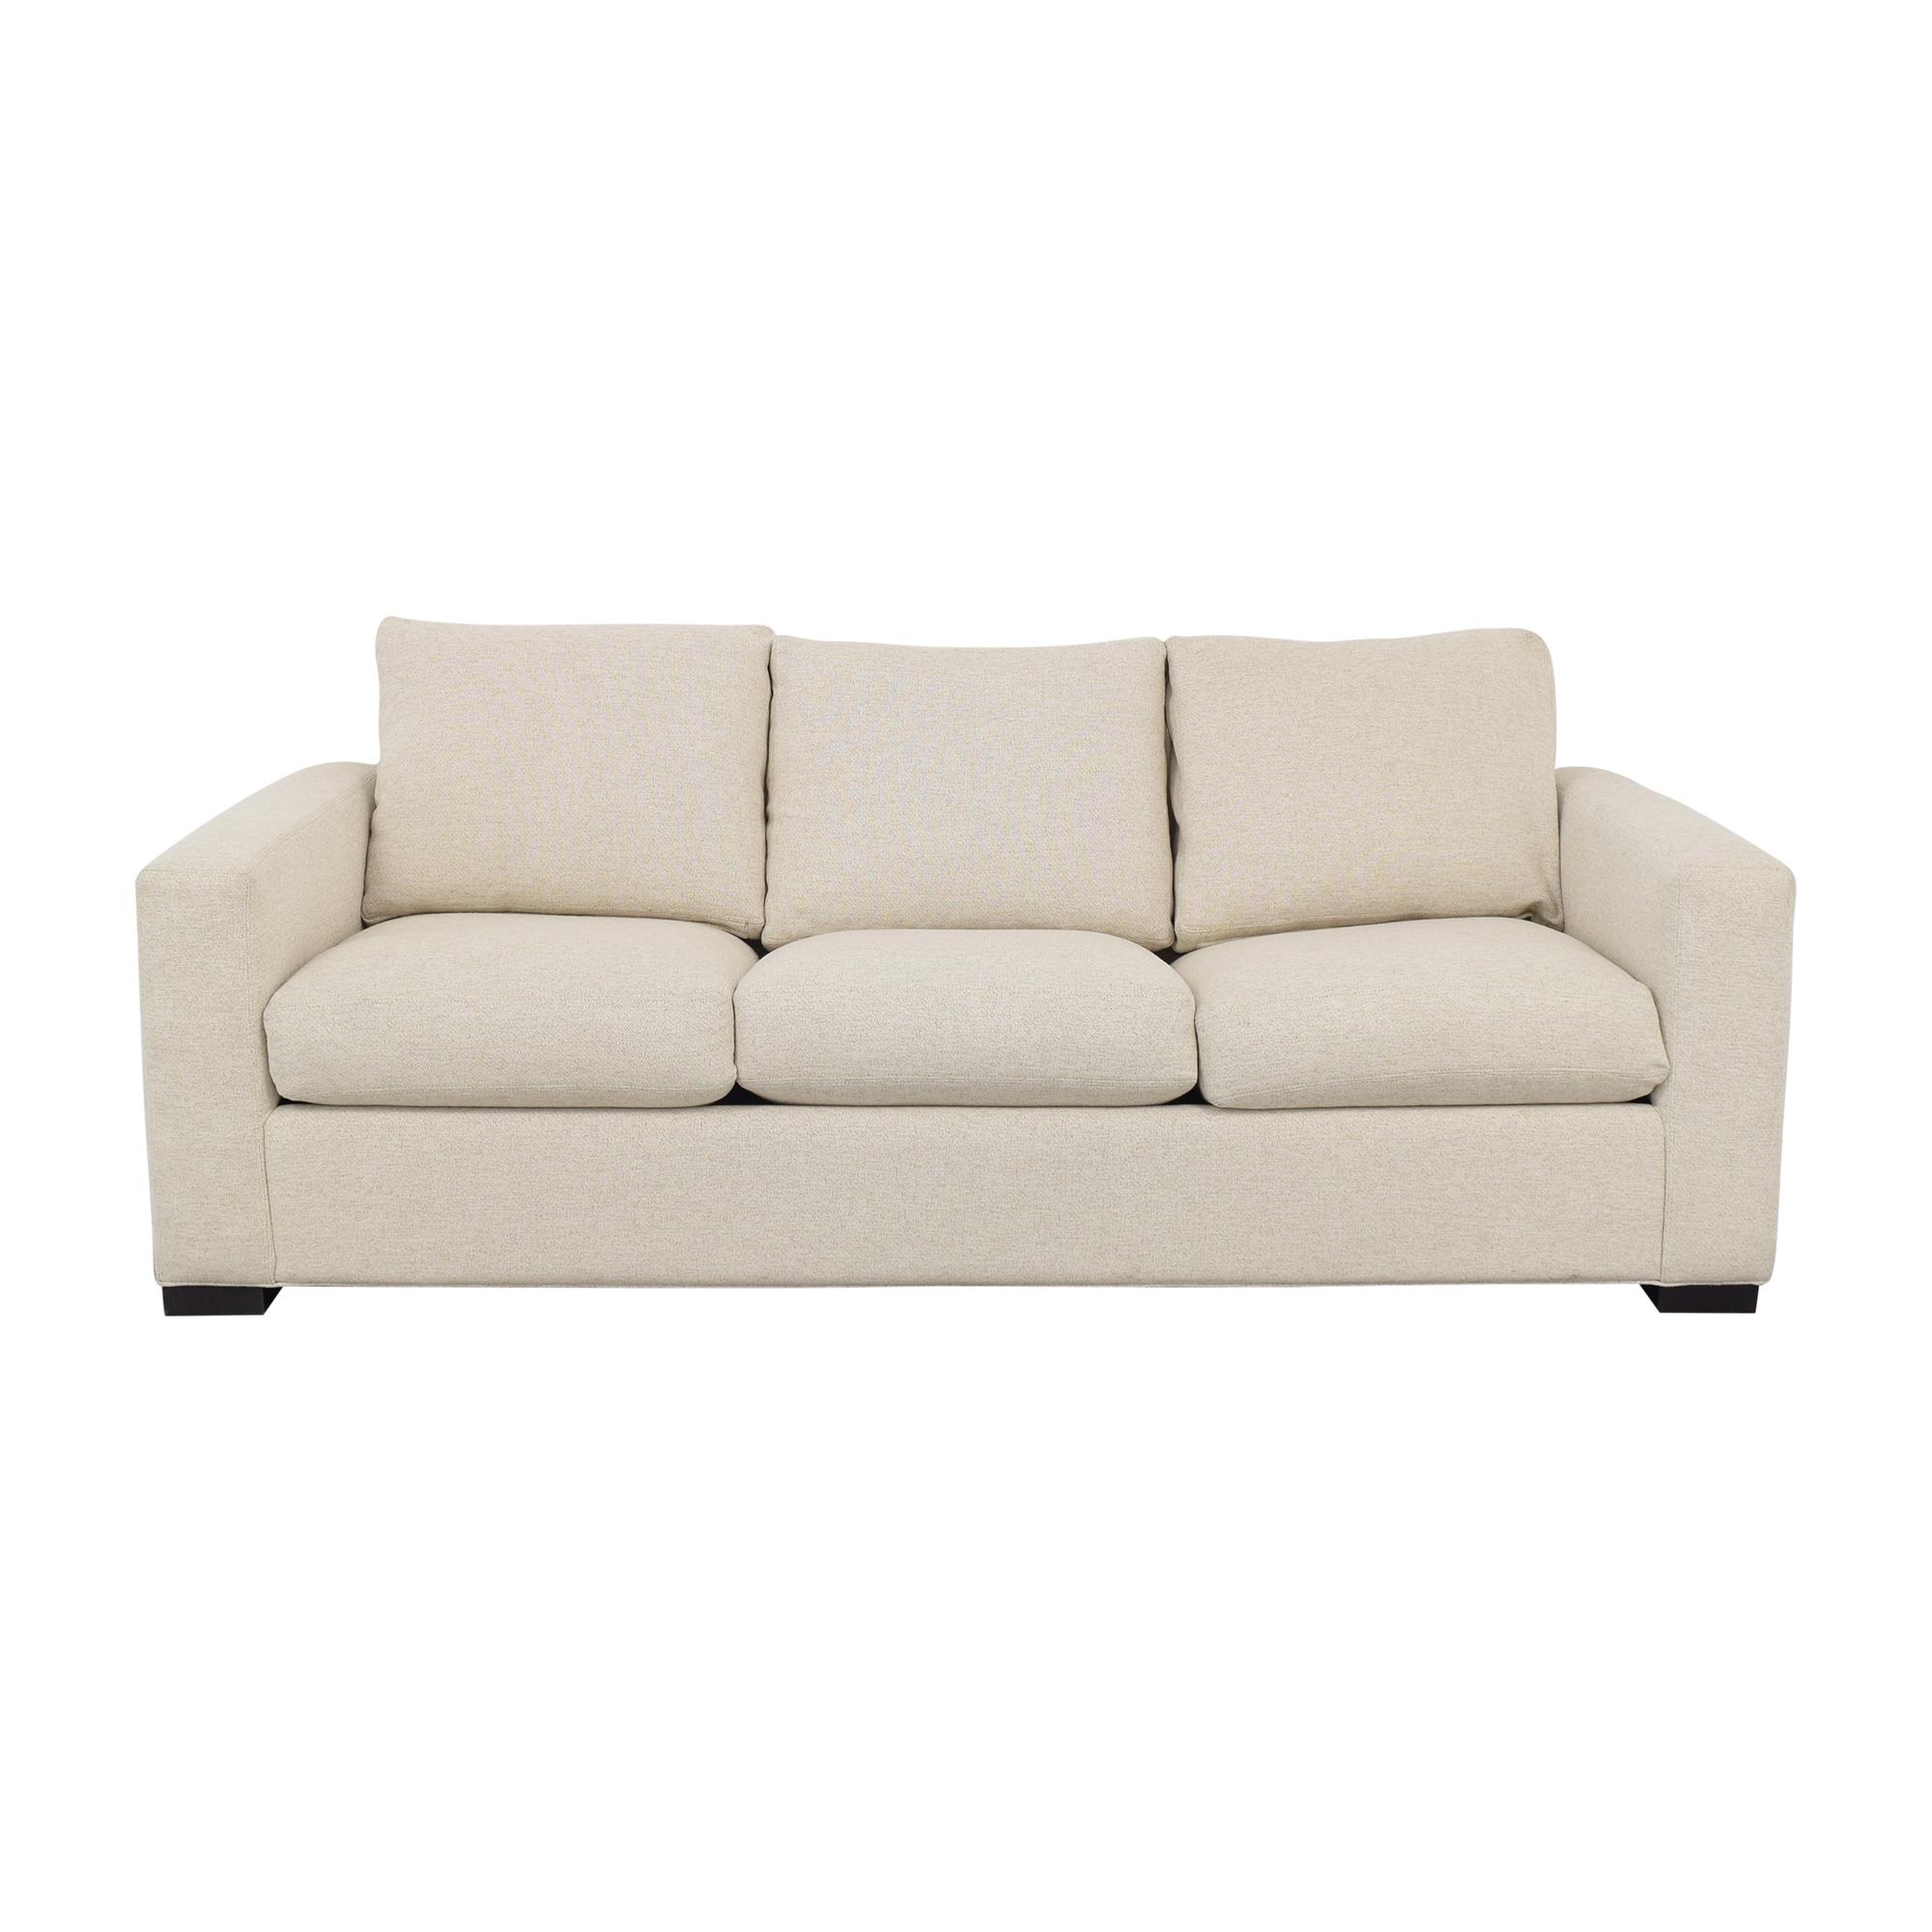 Room & Board Room & Board Queen Sleeper Sofa with Ottoman pa